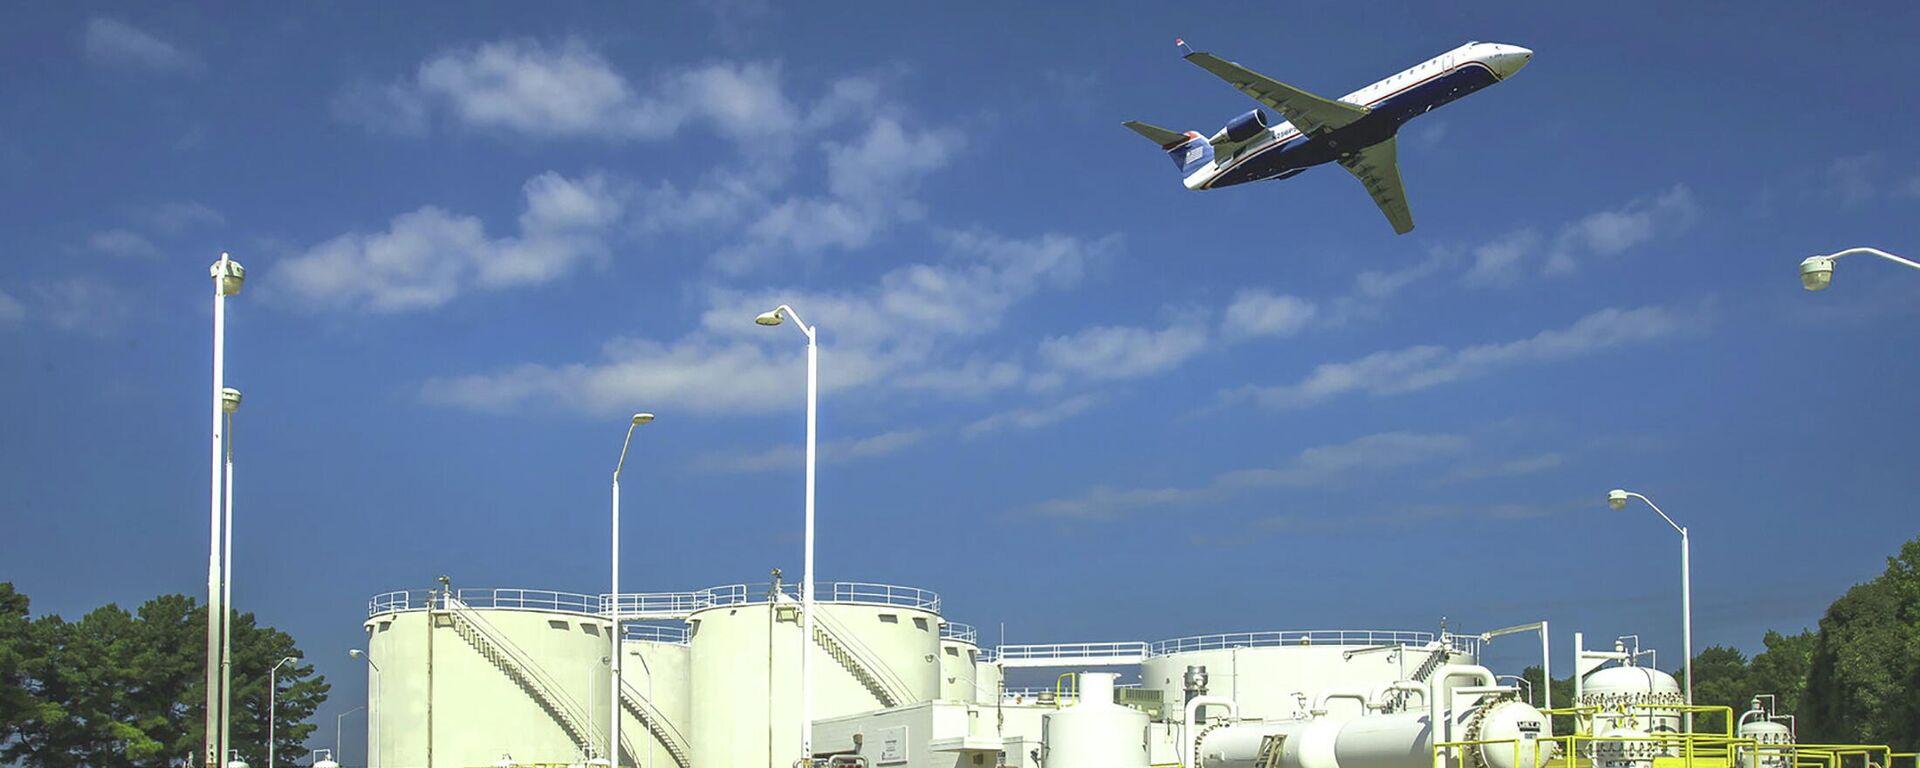 Топливные резервуары компании Colonial Pipeline в аэропорту города Шарлотт, США бензин компанияси  - Sputnik Ўзбекистон, 1920, 12.05.2021